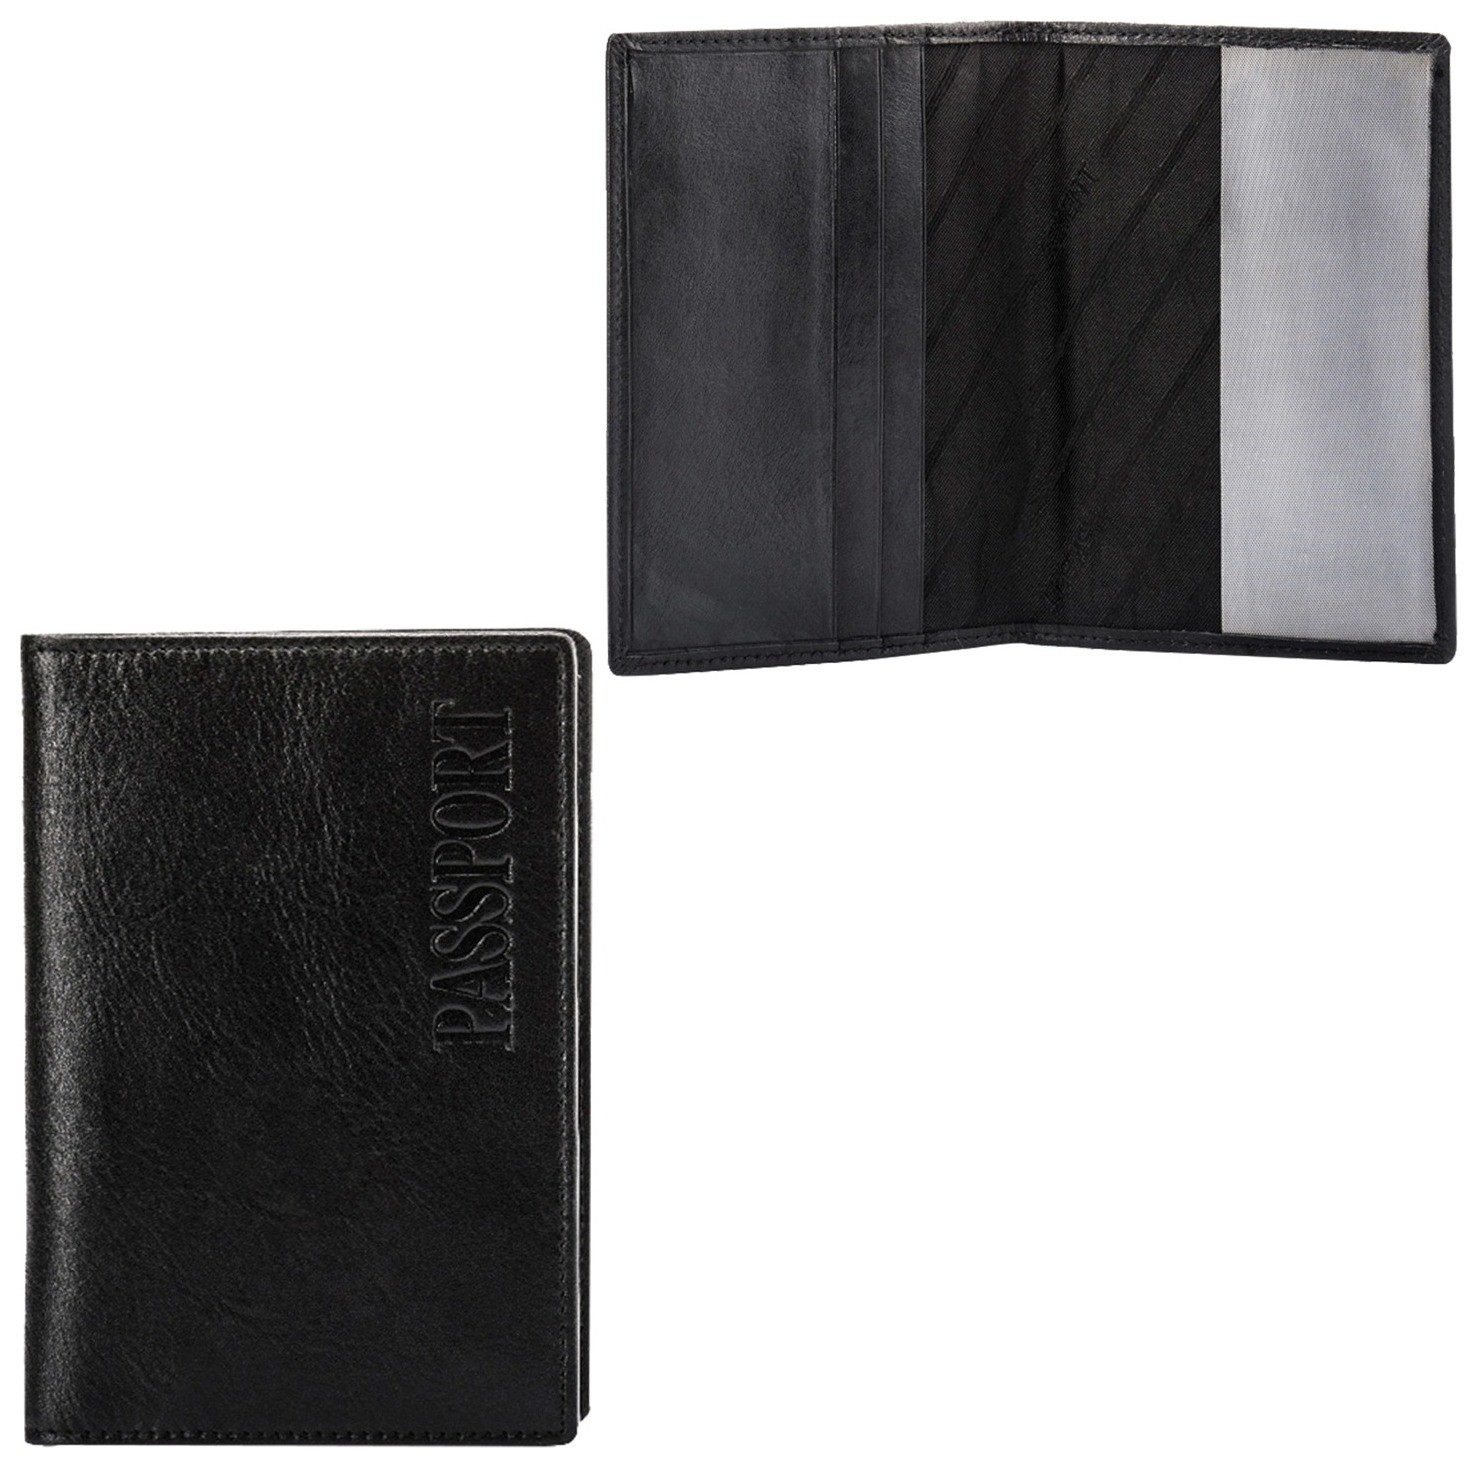 """Обложка для паспорта Fabula """"Estet"""", натуральная кожа, тиснение""""passport"""", черная, O.3.mn  Fabula"""